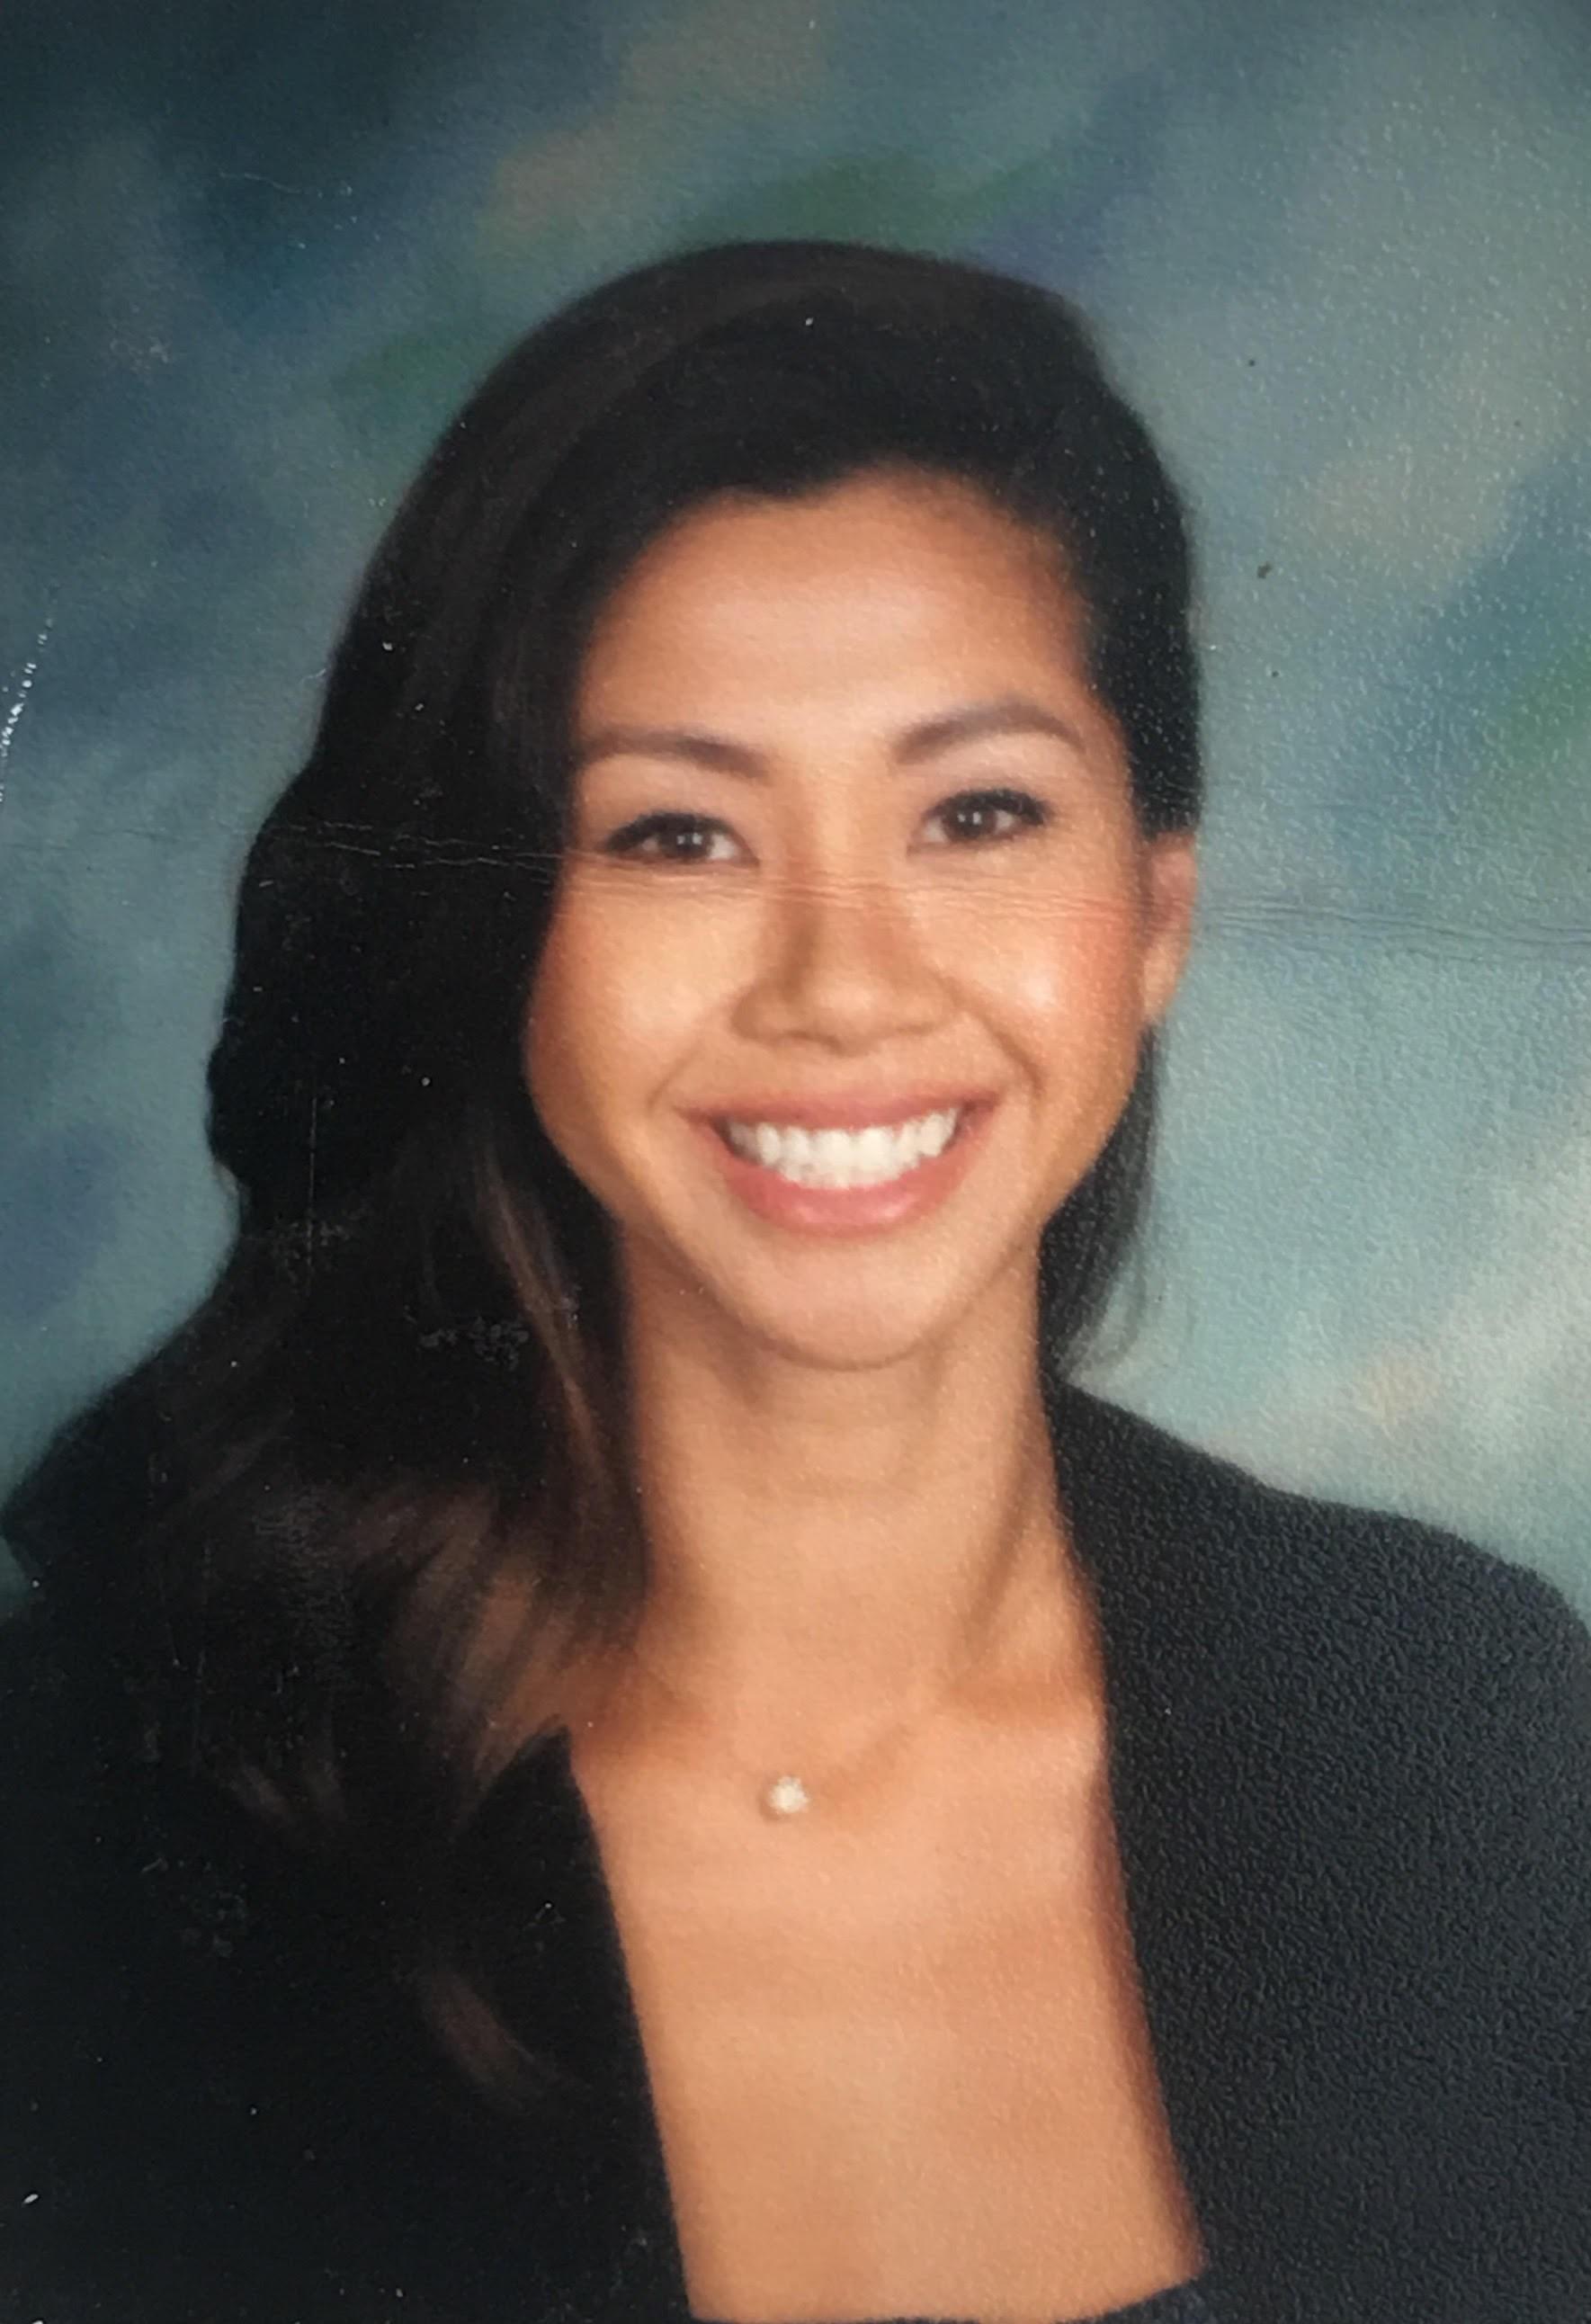 Principal Chantelle Luarca